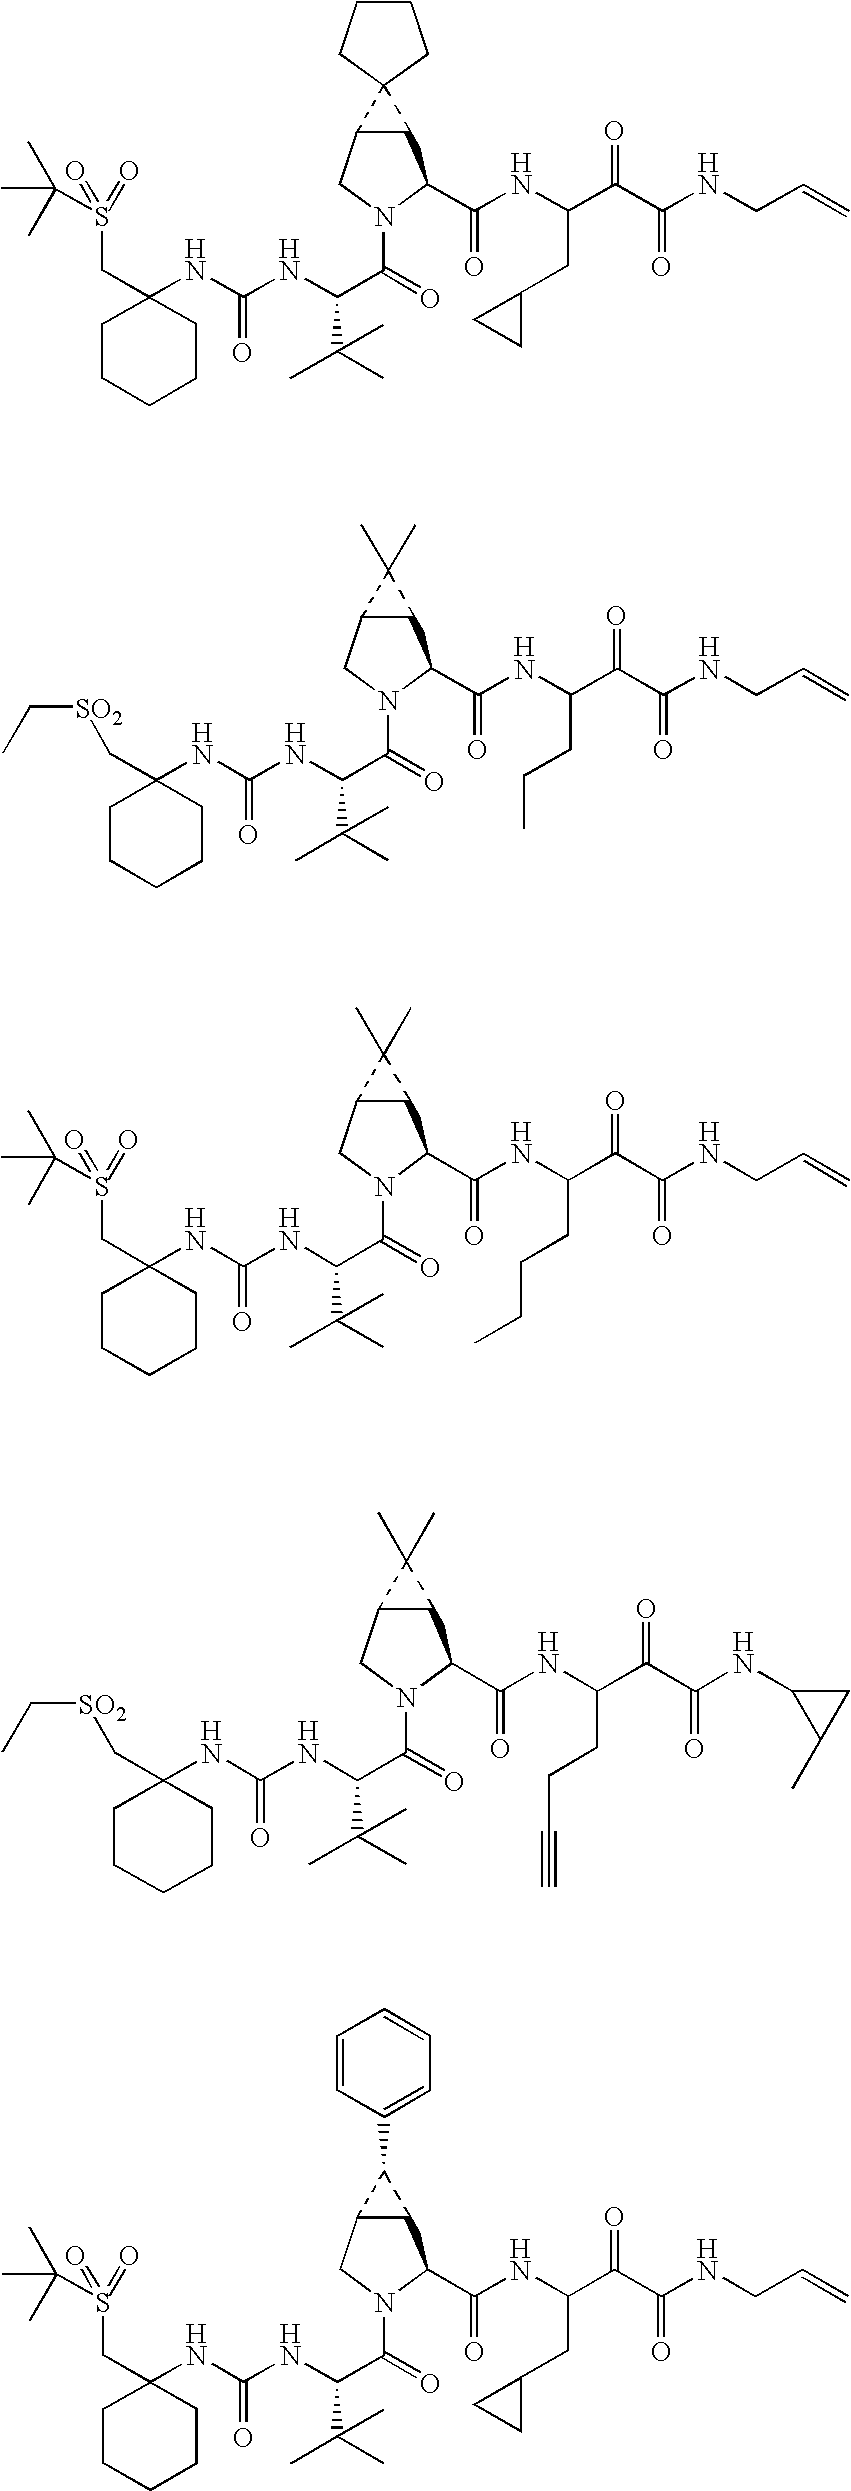 Figure US20060287248A1-20061221-C00470